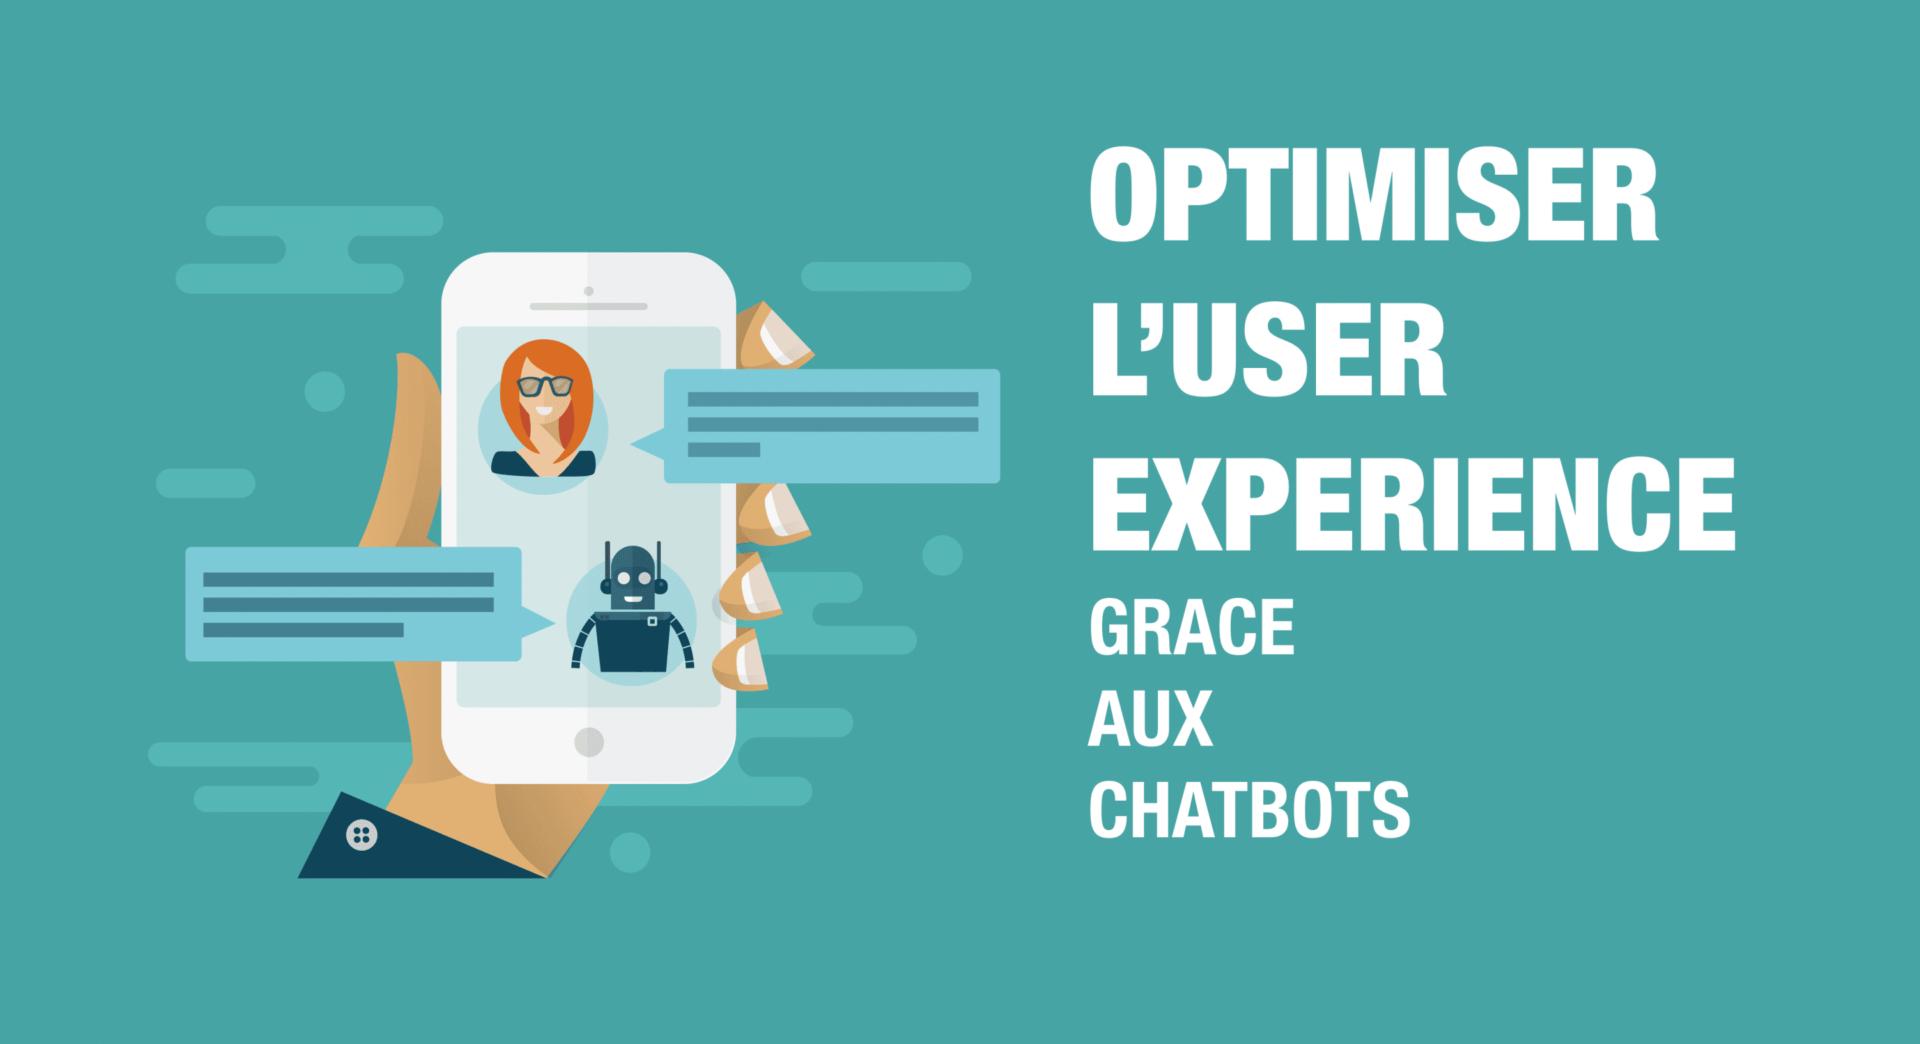 Comment optimiser l'expérience utilisateur grâce aux chatbots